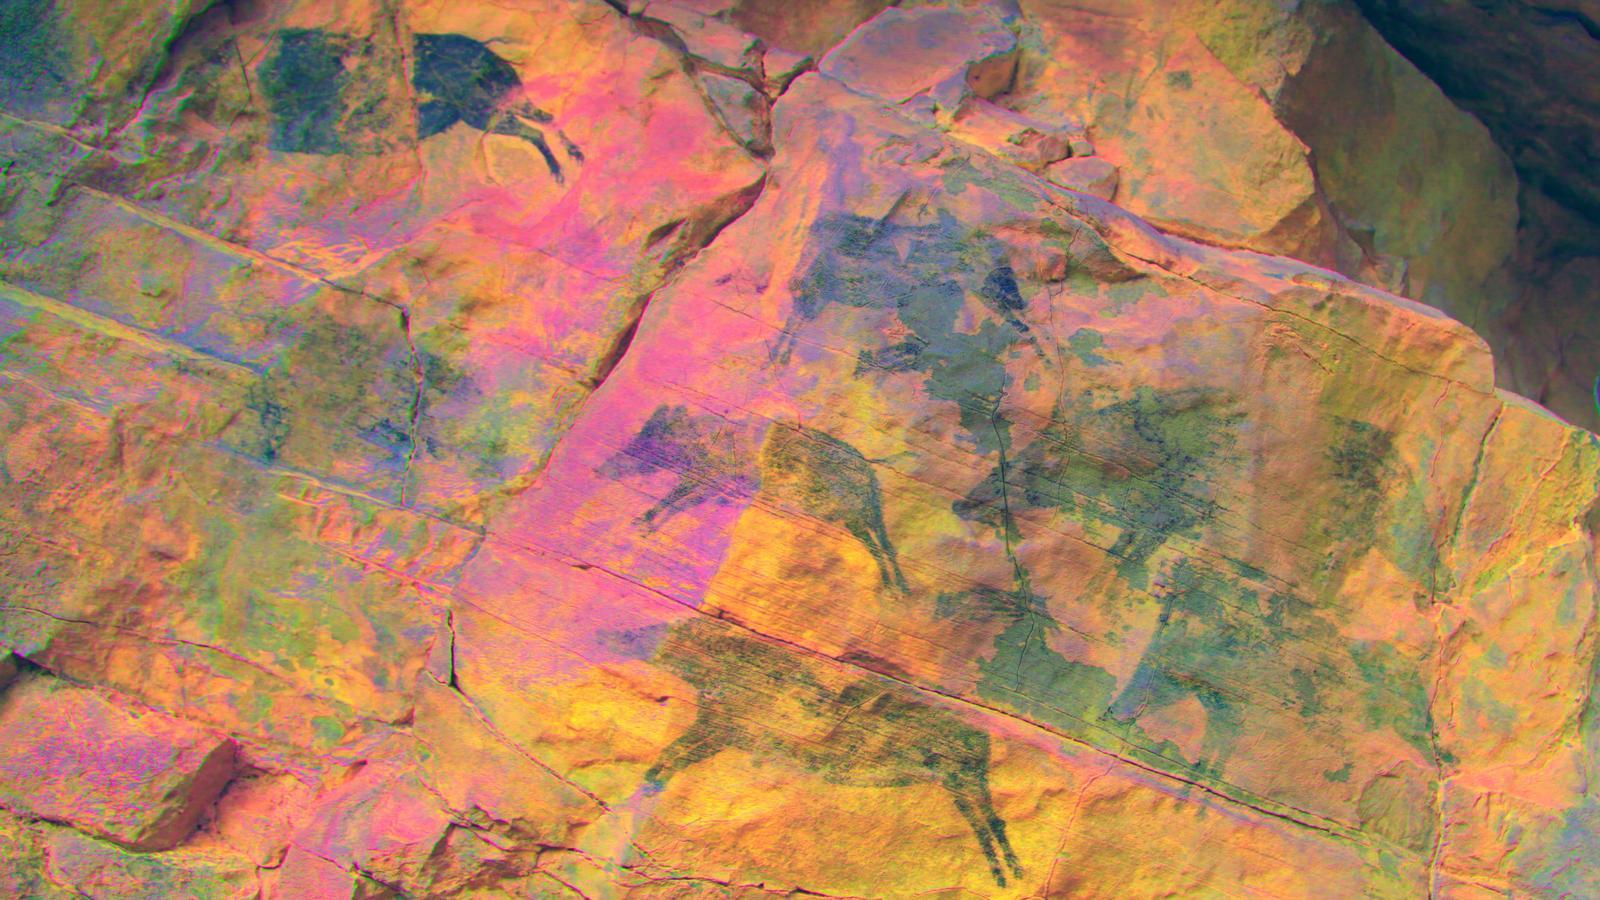 Pintura rupestre datada fa 7.000 anys descoberta a Vilafranca, a l'Alt Maestrat.